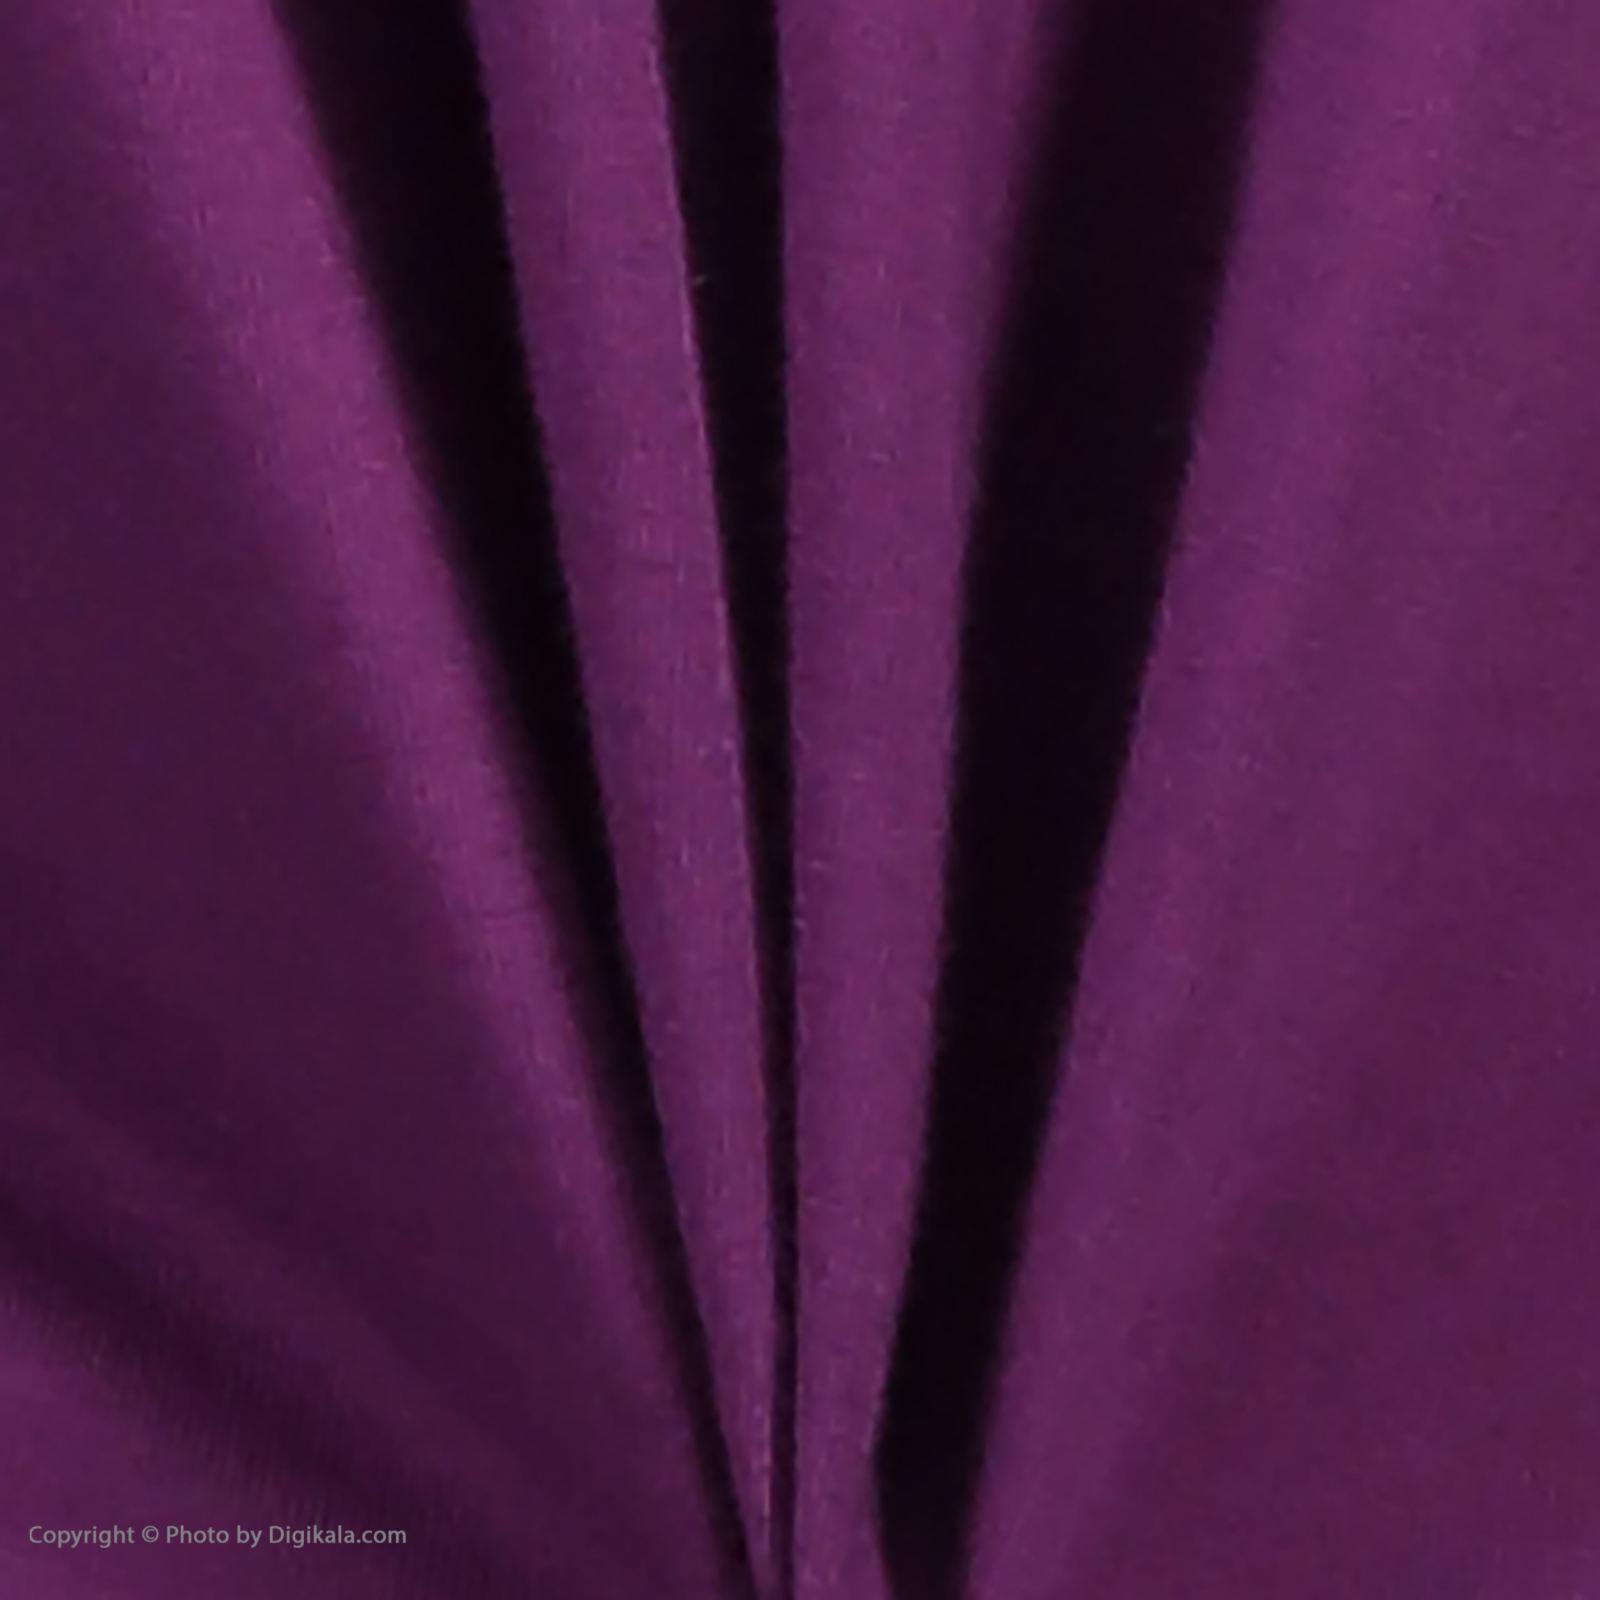 ست تی شرت و شلوارک راحتی زنانه مادر مدل 2041100-67 -  - 7